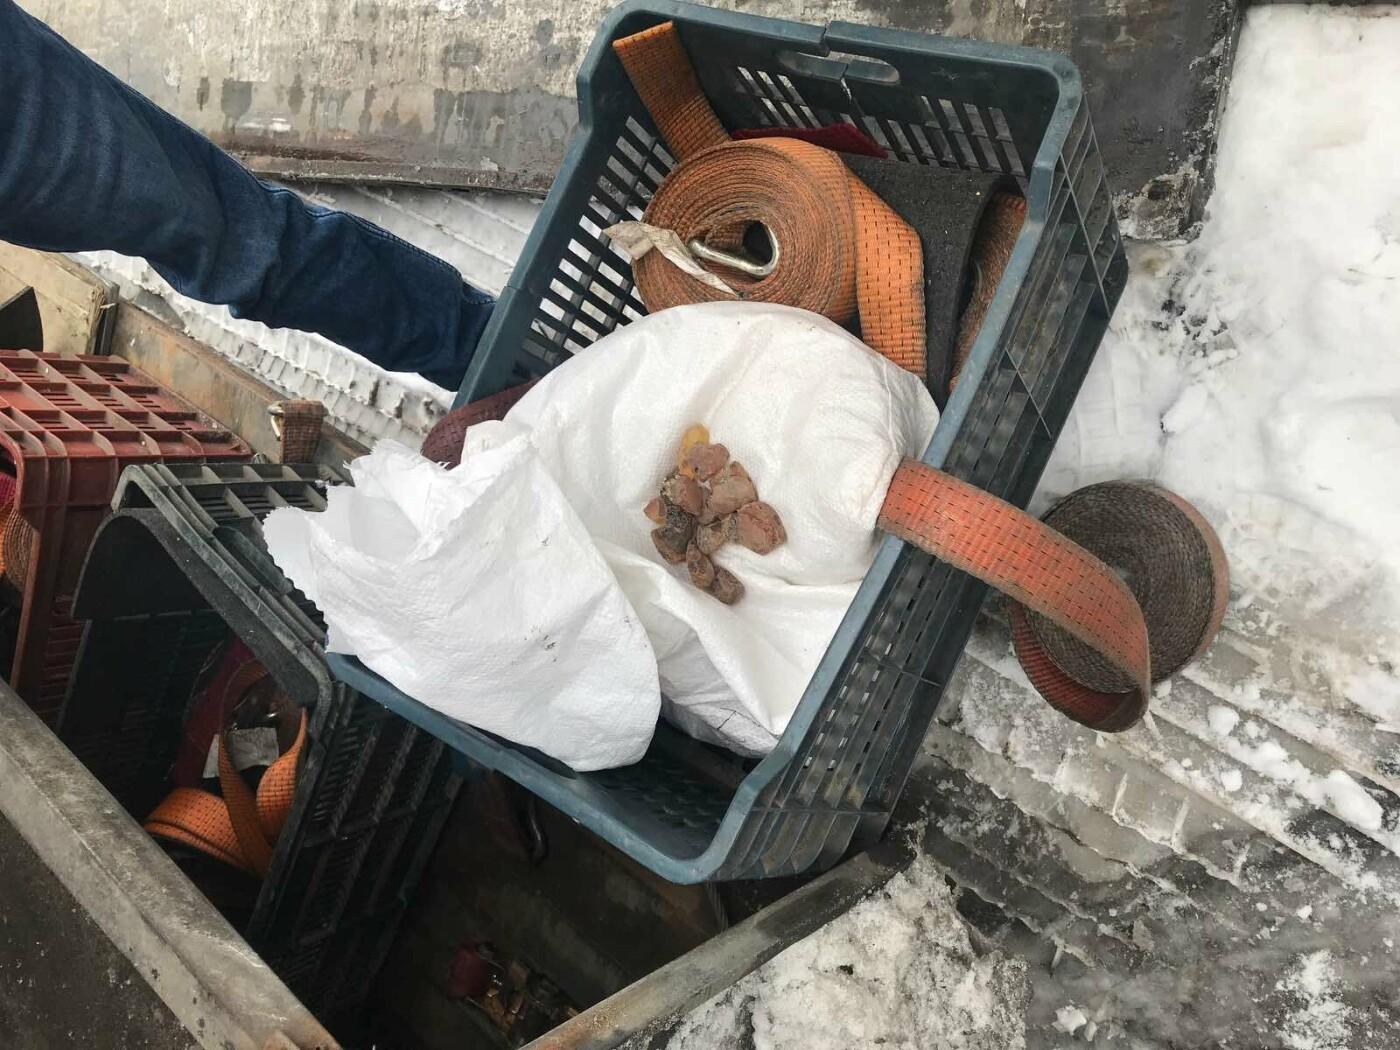 Віз на прохання знайомого: на кордоні закарпатські митники вилучили у іноземця 6,4 кг бурштину (ФОТО), фото-4